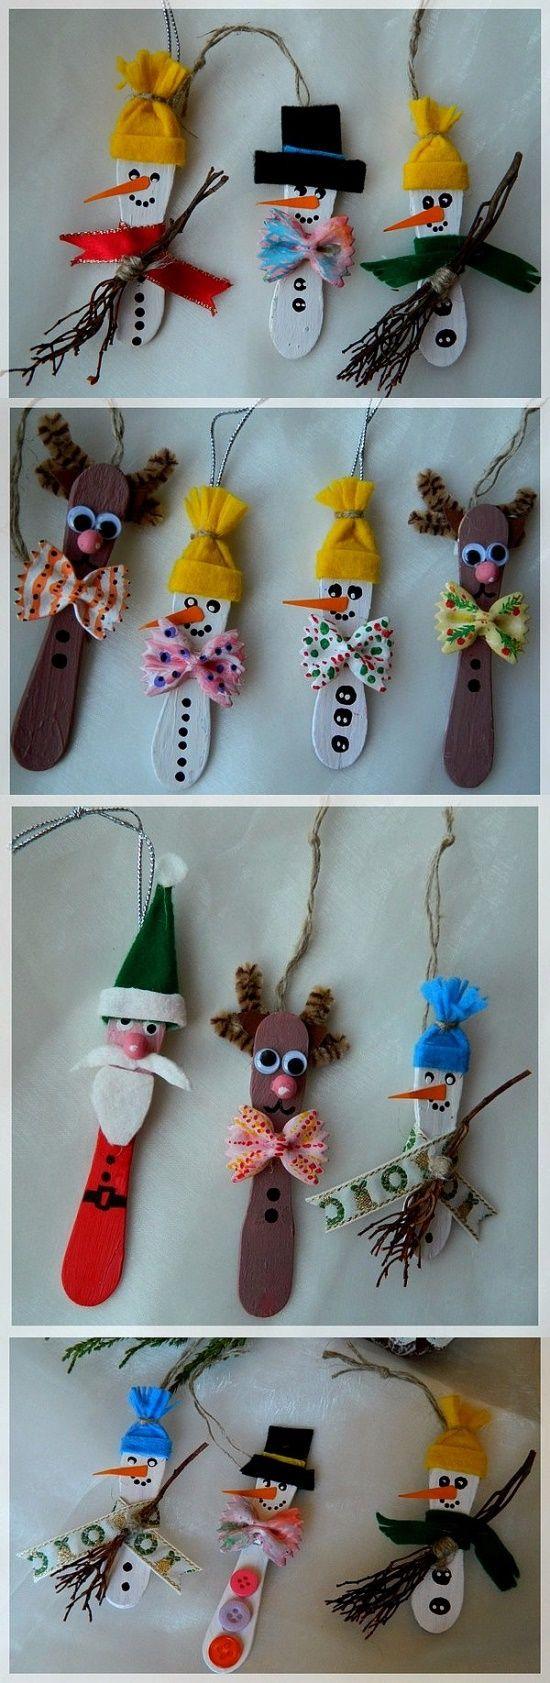 Für Basteln mit den Kindern-auch möglich aus kleinen Holzstäbchen